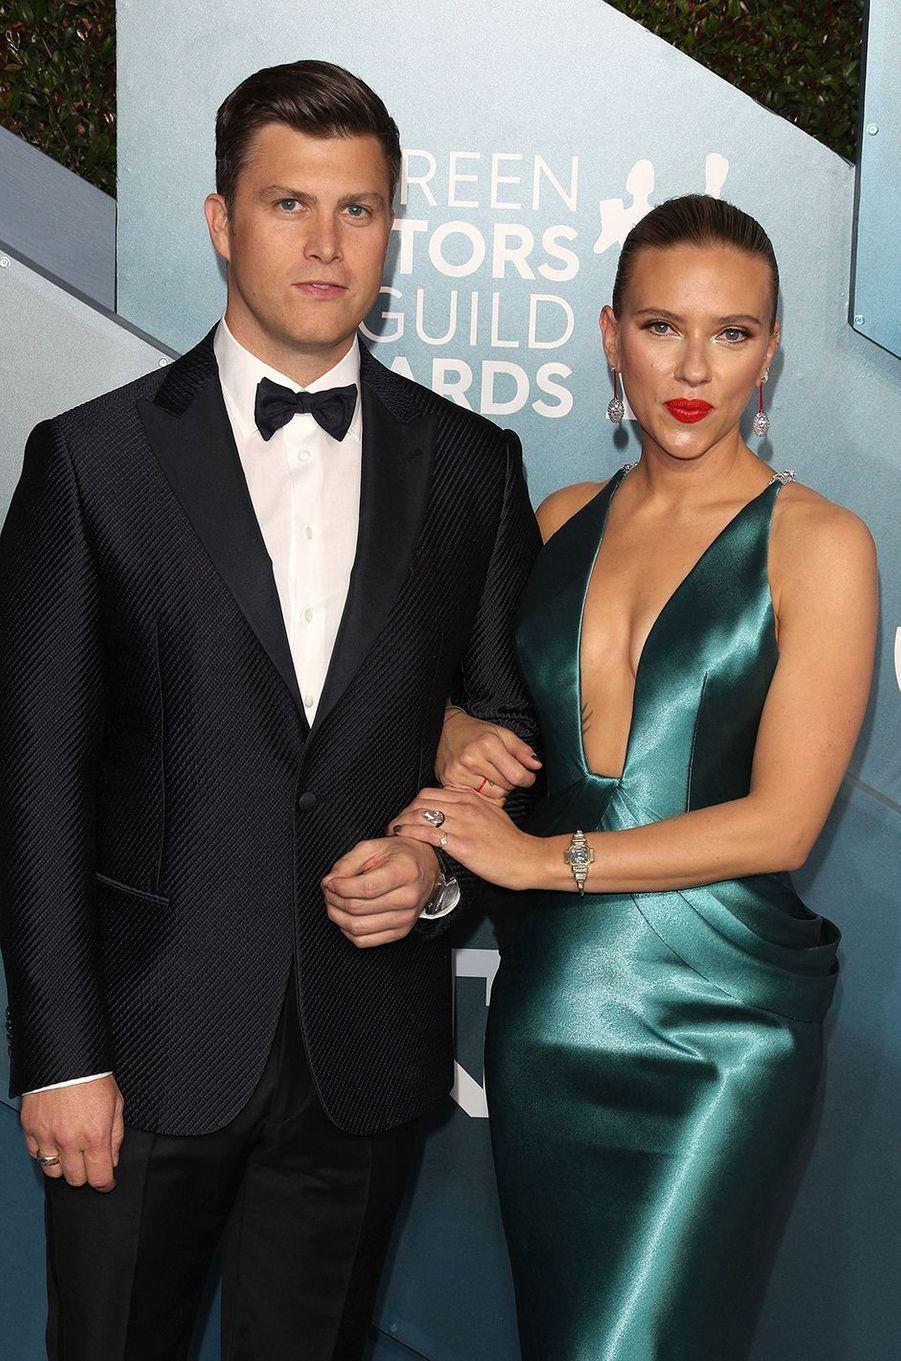 Colin Jost et Scarlett Johansson se sont croisés à deux reprises sur le plateau du «SNL», d'abord en 2006 puis en 2010 lors d'un sketch que le comédien avait écrit. Ce n'est qu'en 2017 qu'ils ont commencé à se fréquenter après que l'actrice a animé une nouvelle émission. Ils se sont mariés en 2020.